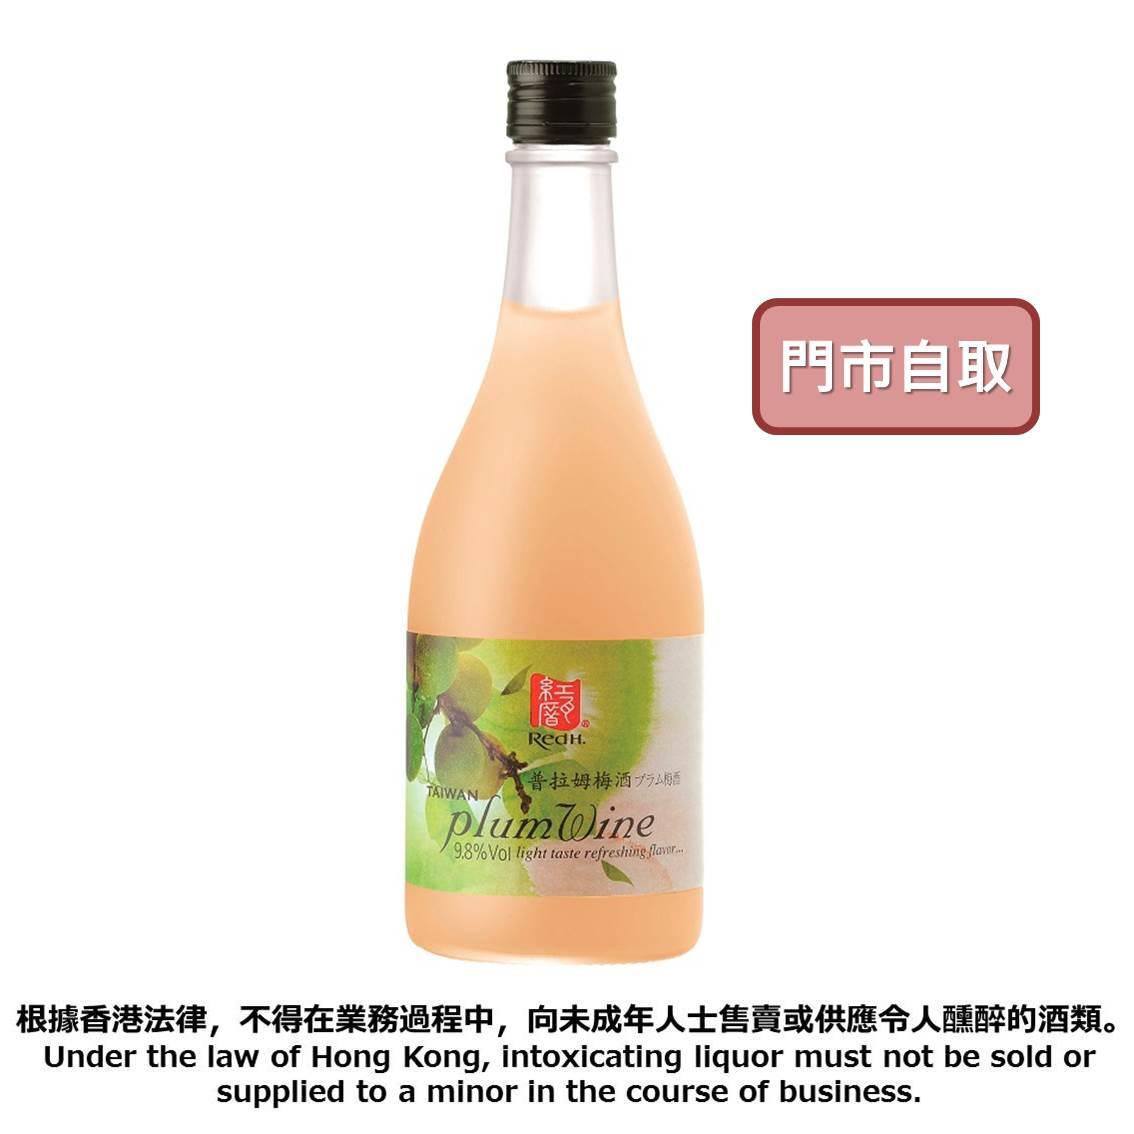 紅瓦厝梅酒9.8%VOL 500ML